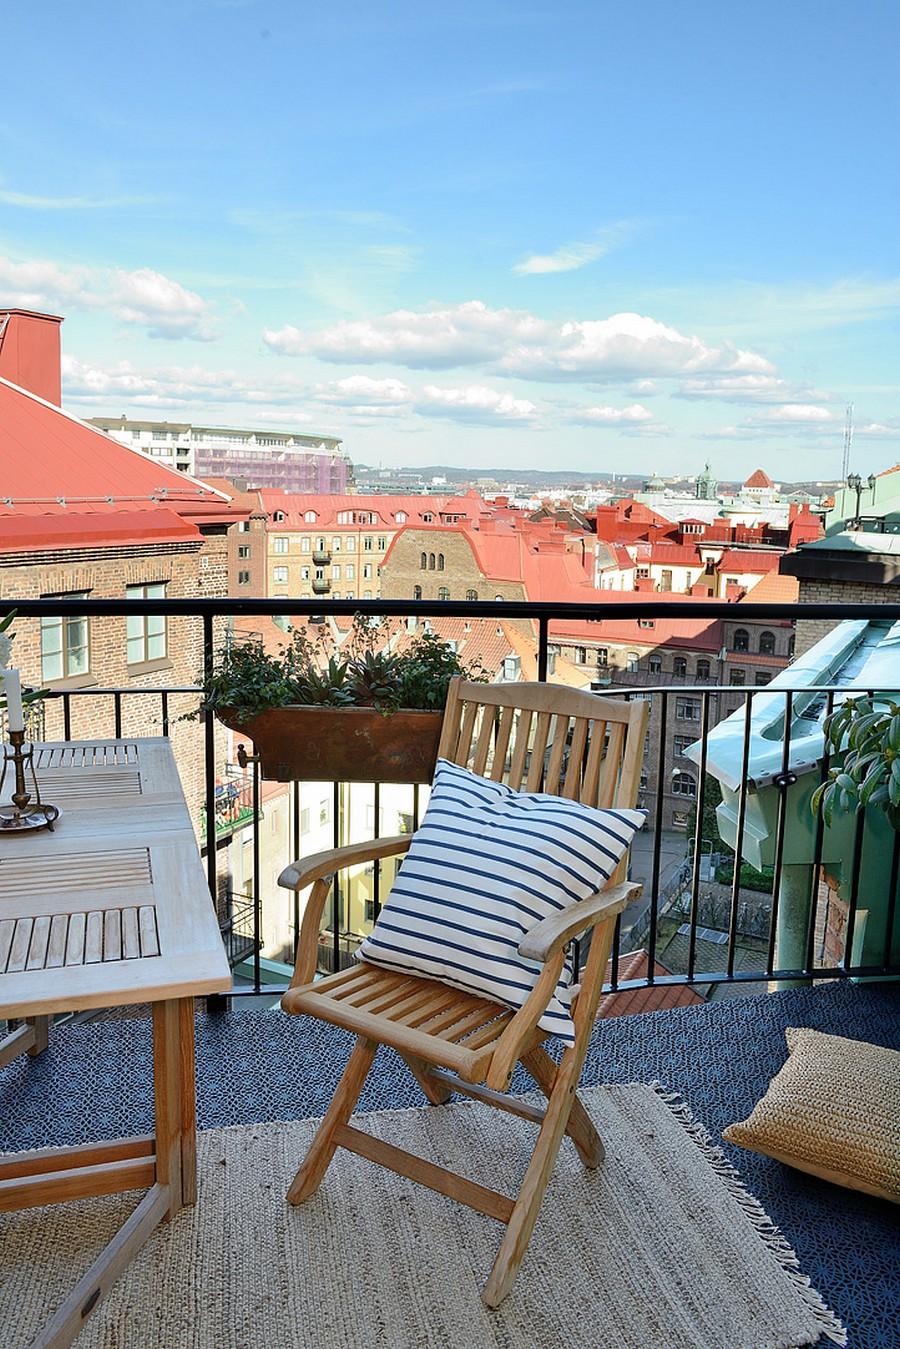 Садовая мебель для уютного обустройства балкона